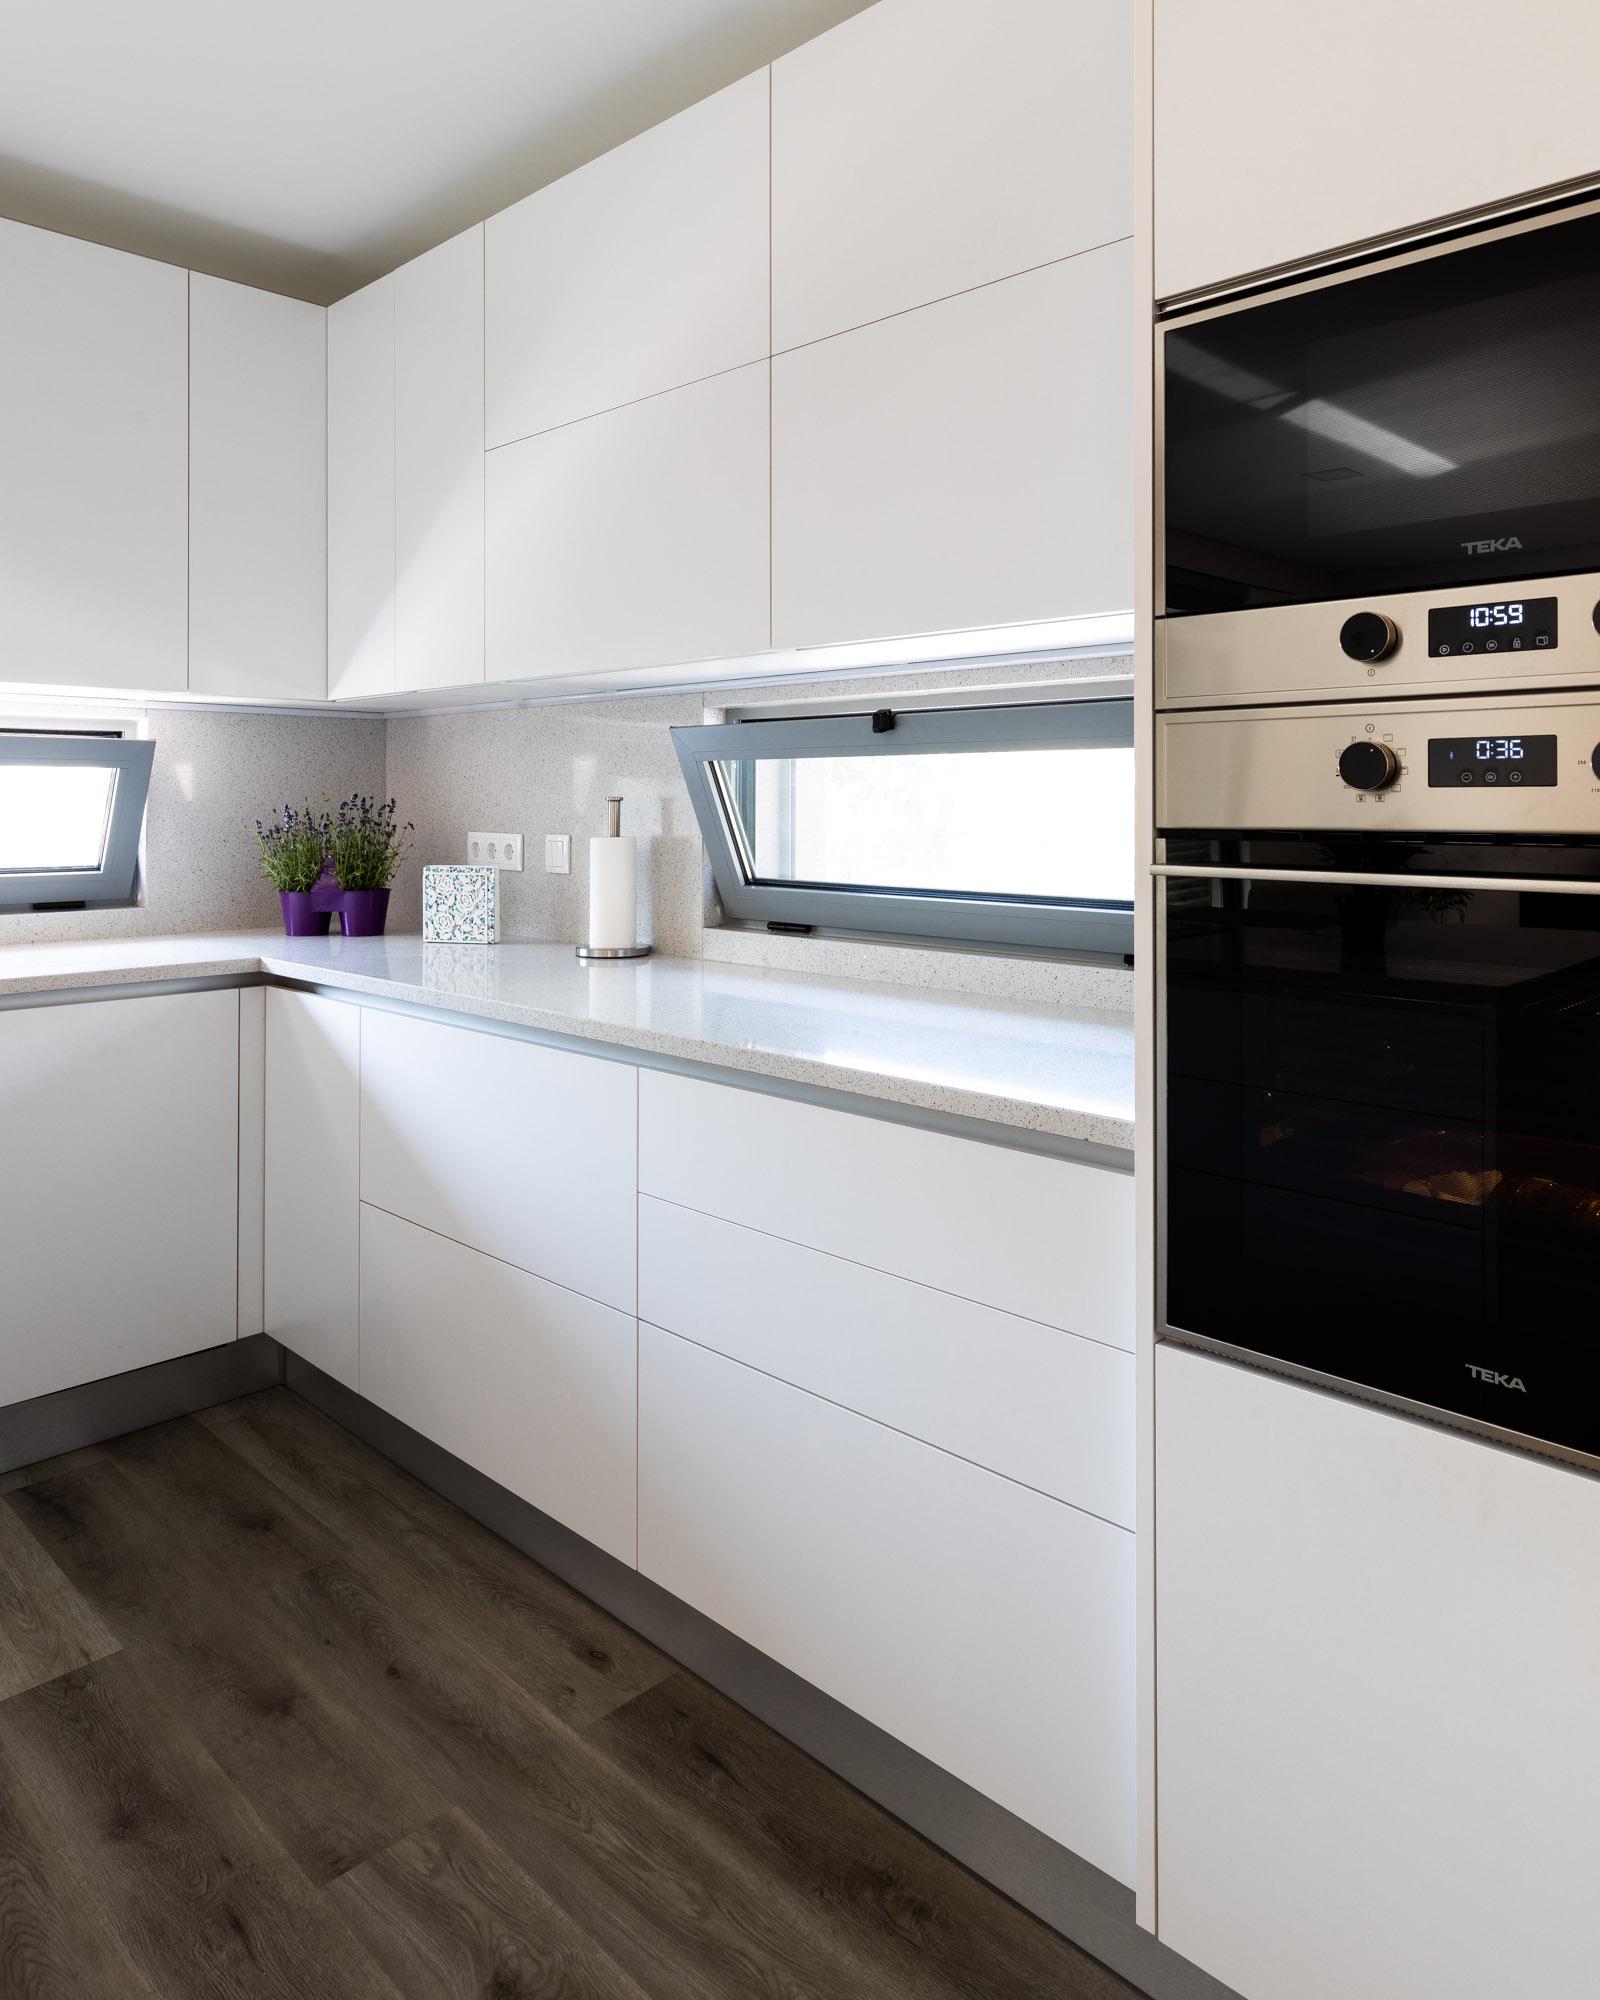 Cozinha branca em termolaminado mate, sem puxadores, com península